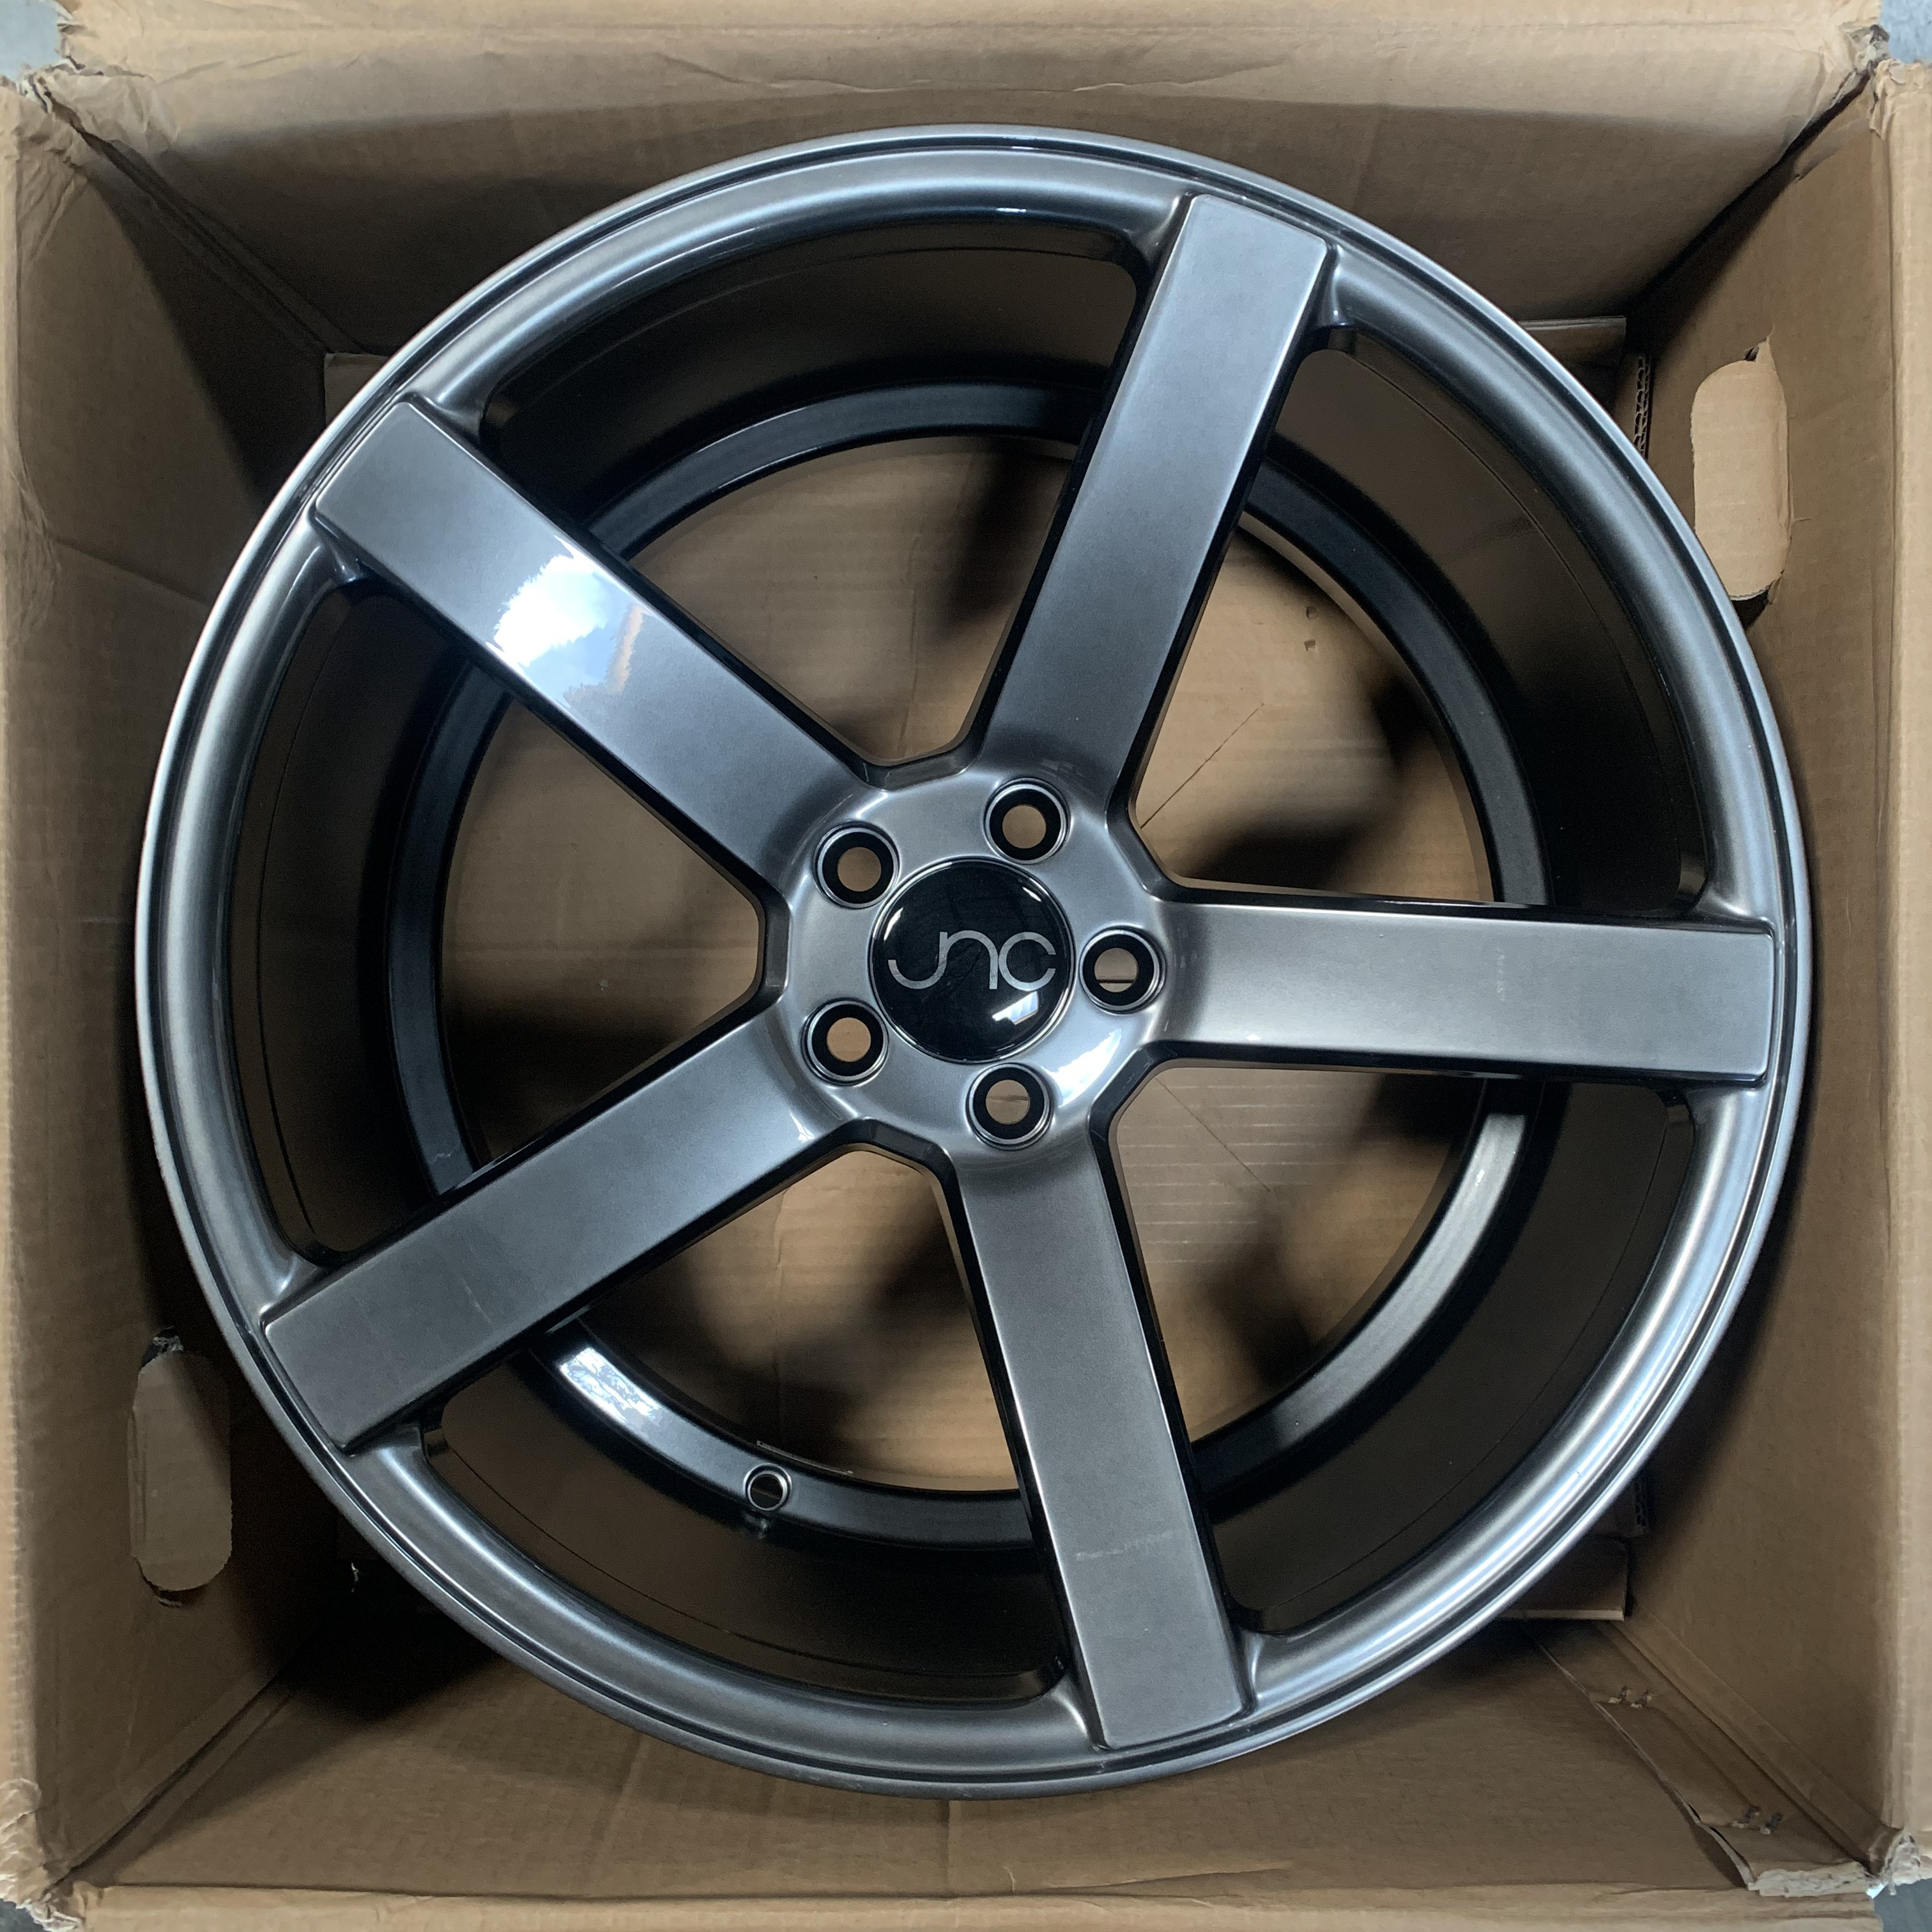 JNC 026 Hyper Black 18x9 5x100 32 Wheel//Rim